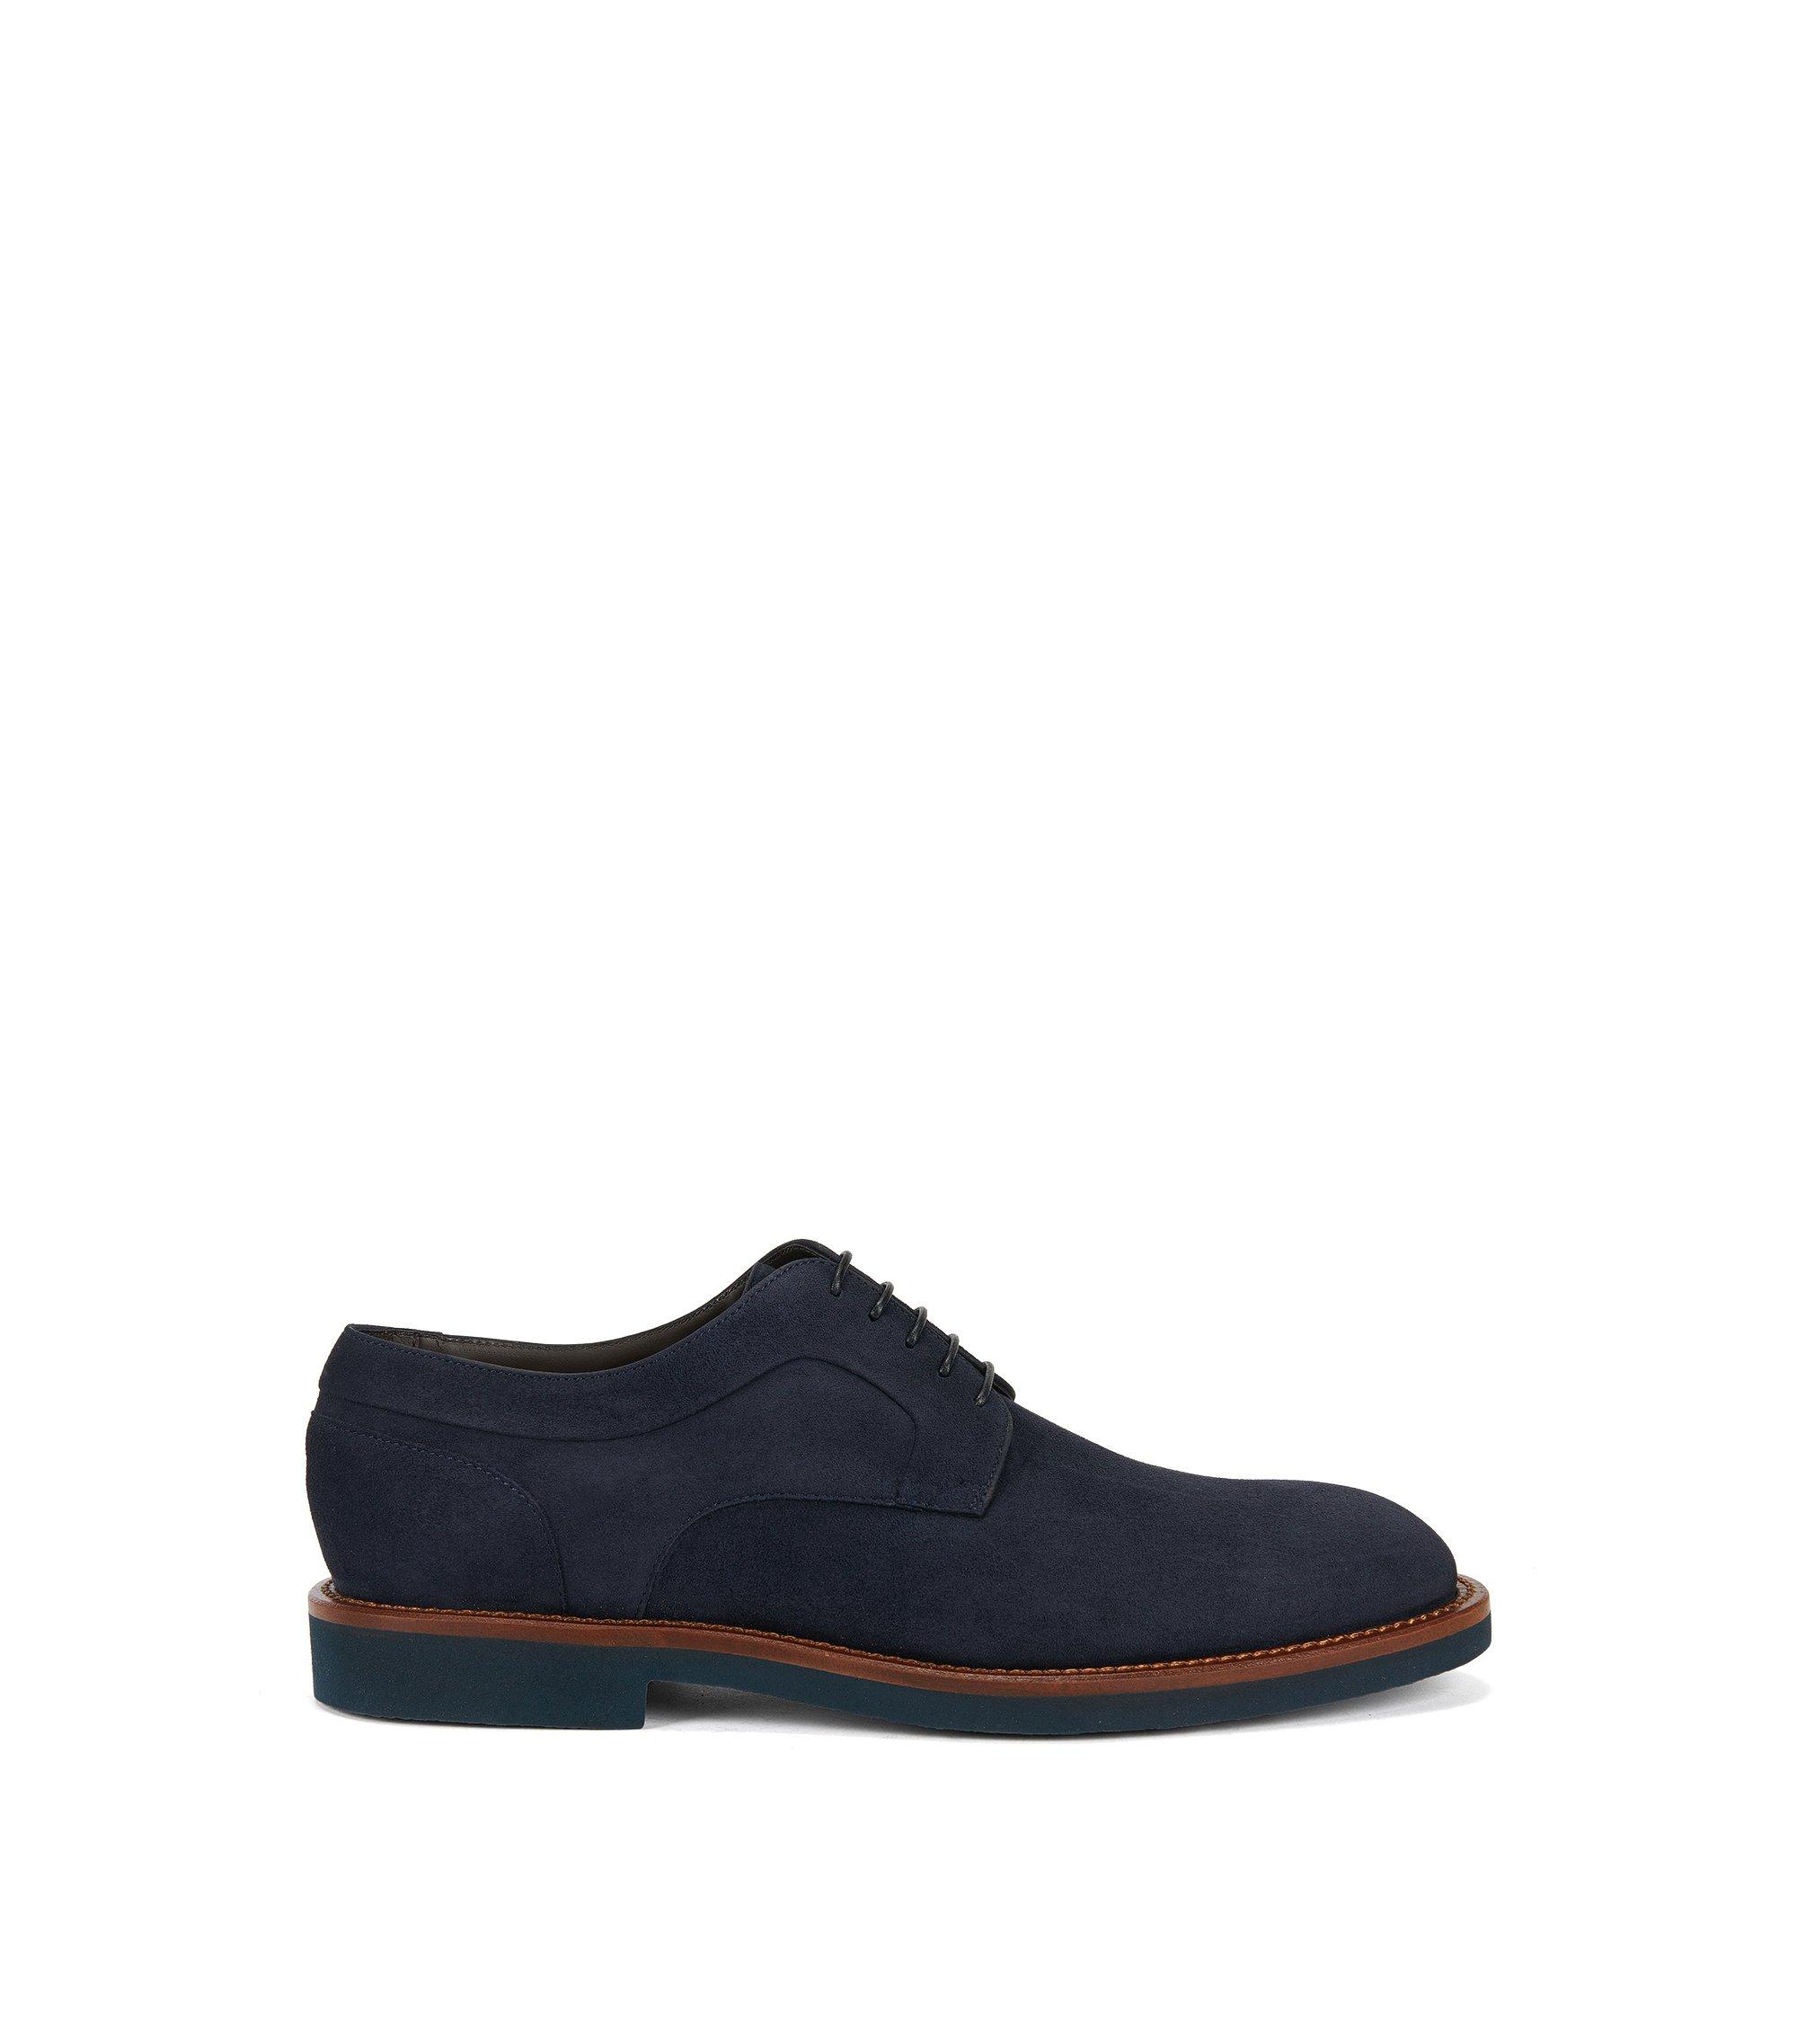 Chaussures derby lacées en daim, Bleu foncé